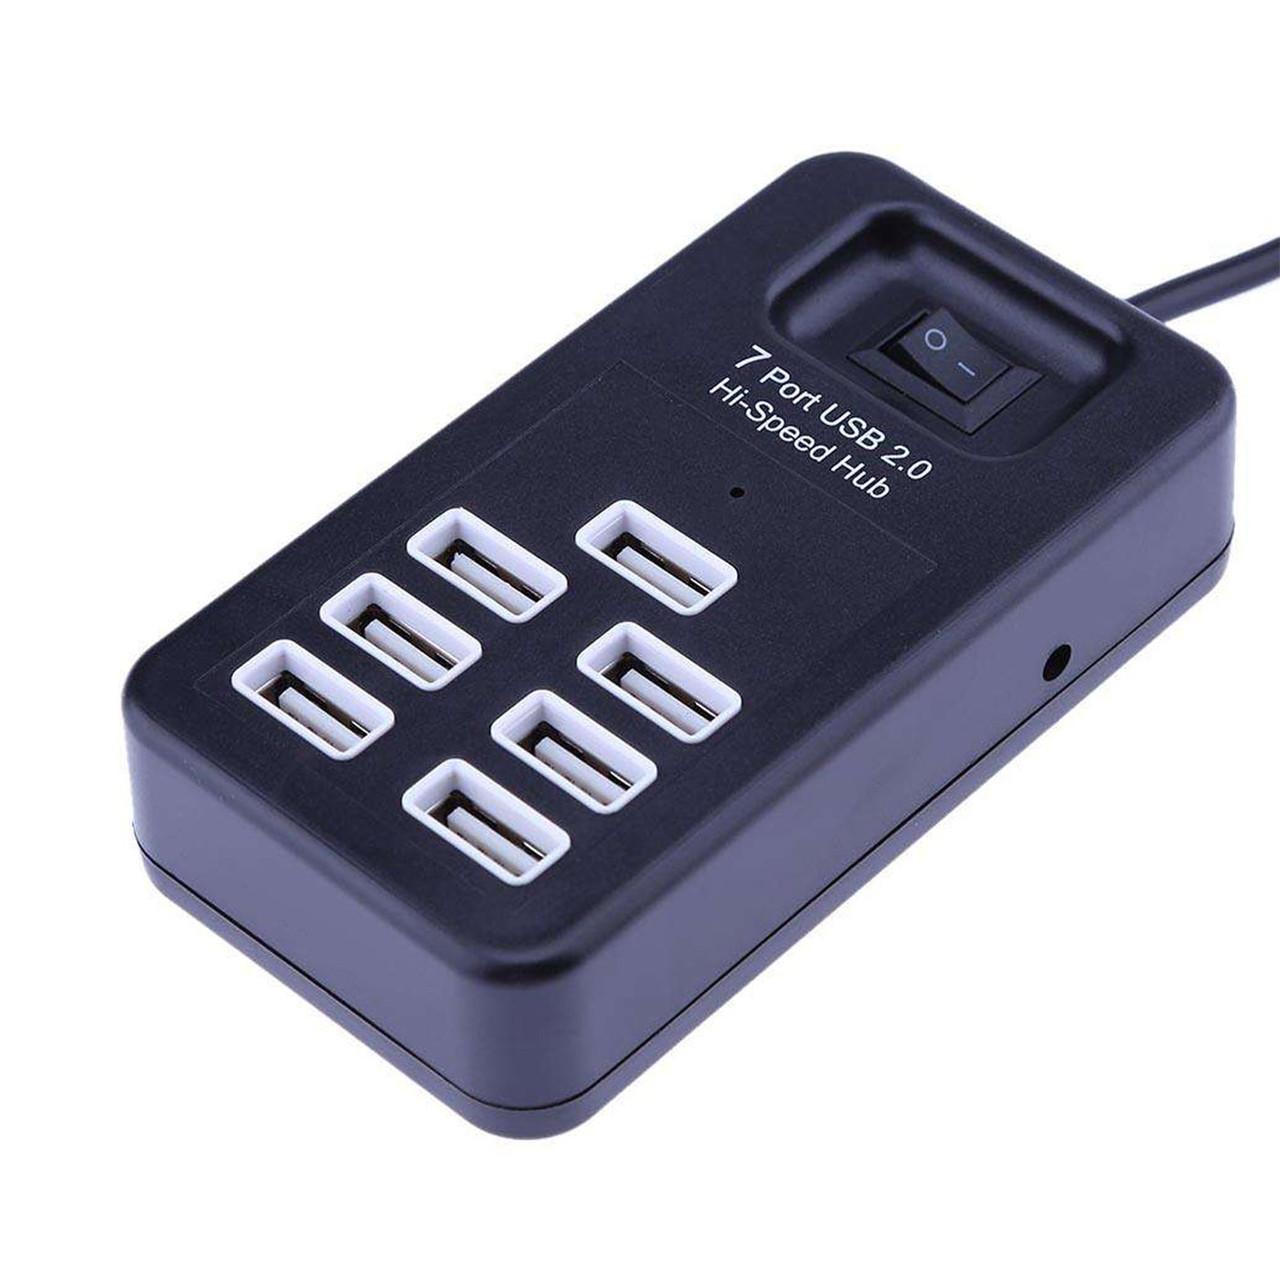 USB HUB P1602 7-port 480Mbps Black